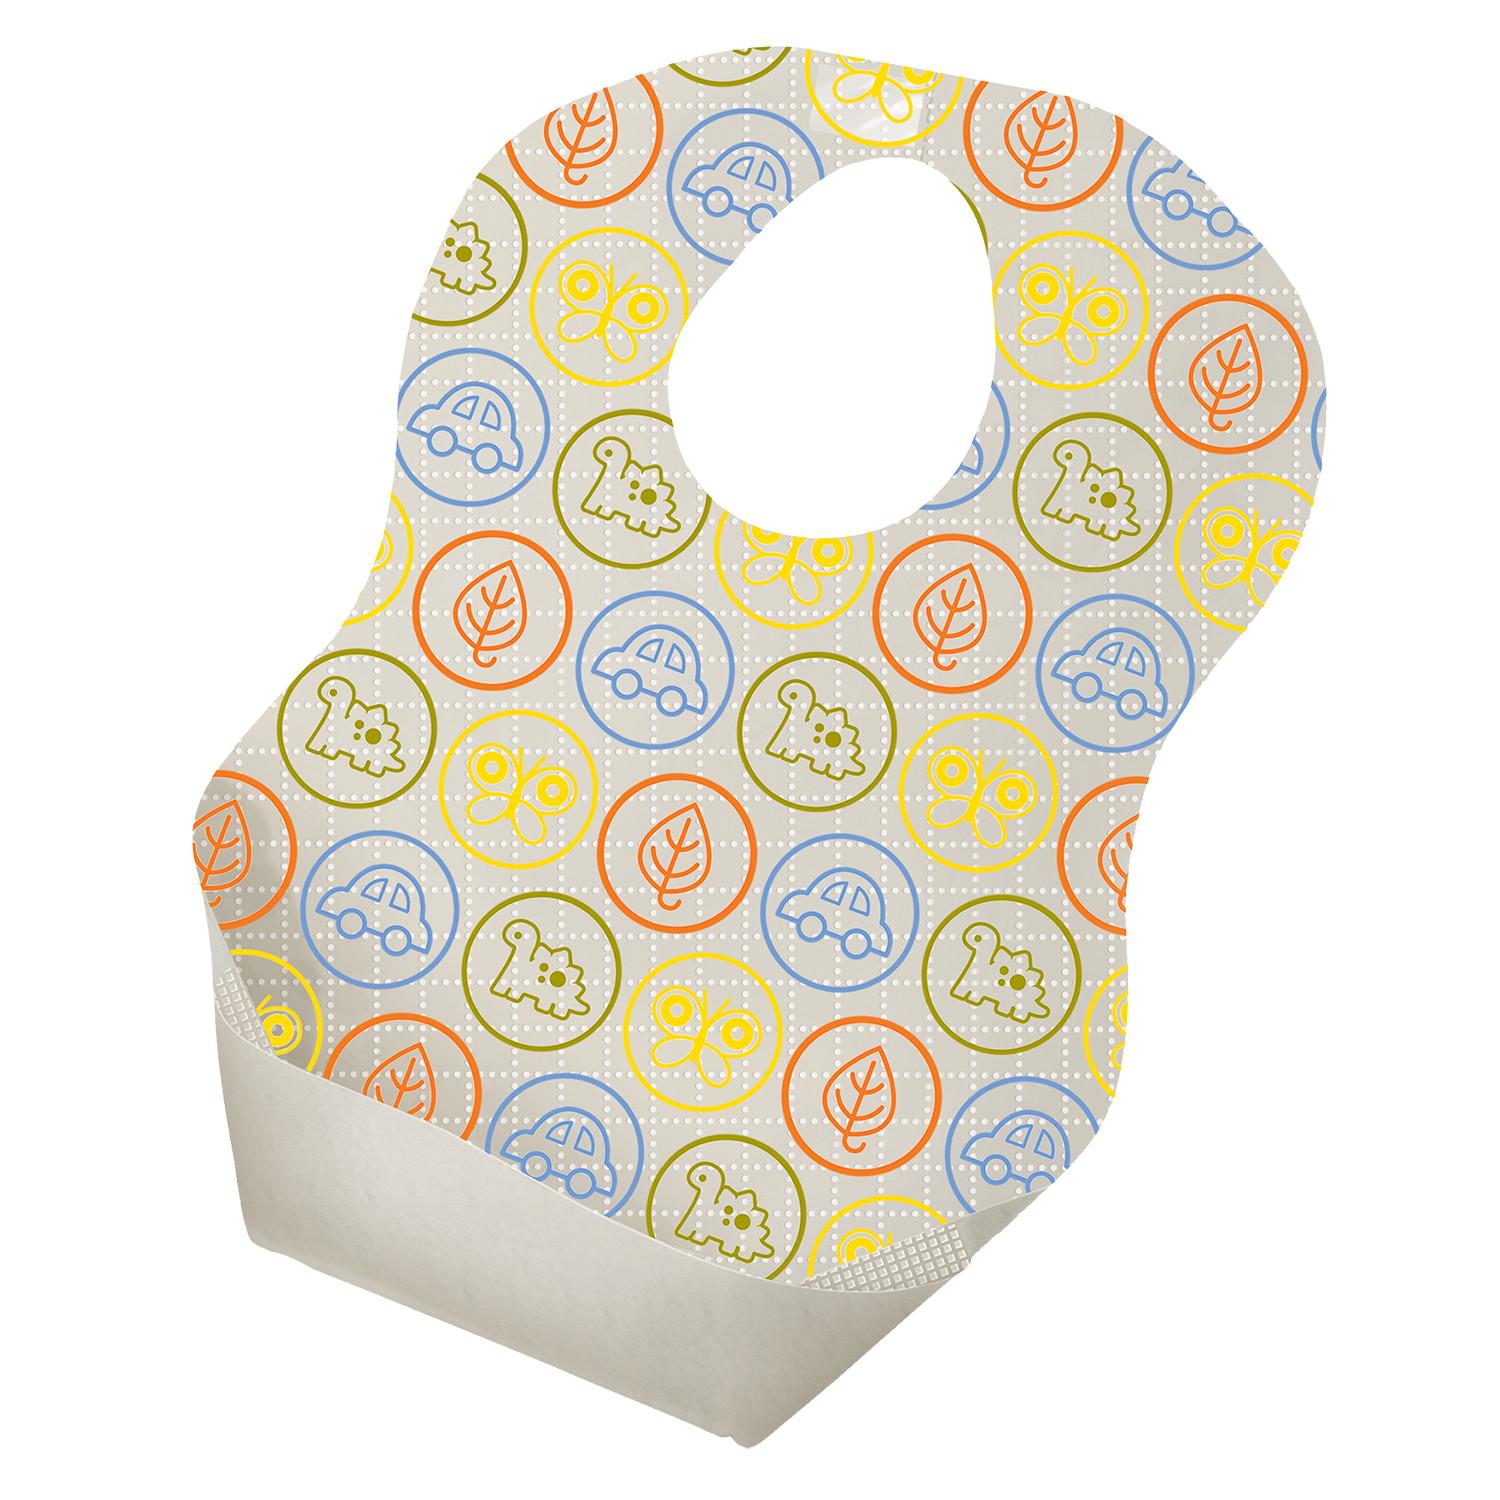 Одноразовые бумажные нагрудники Tommee Tippee 20 шт набор одноразовых нагрудников tommee tippee 20 шт